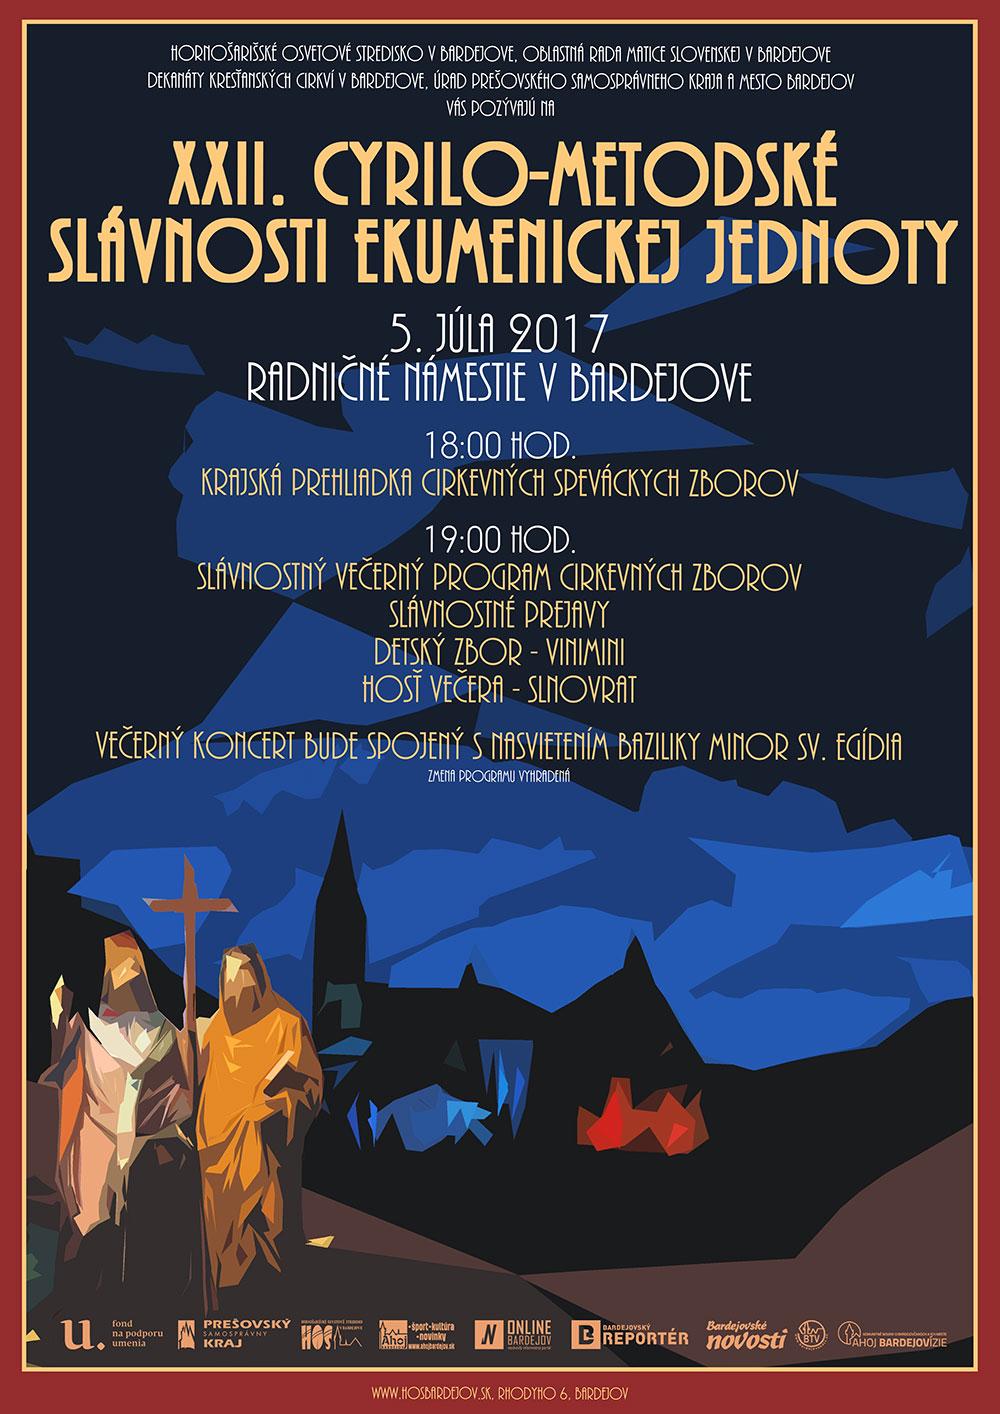 XXII. Cyrilo-metodské slávnosti ekumenickej jednoty